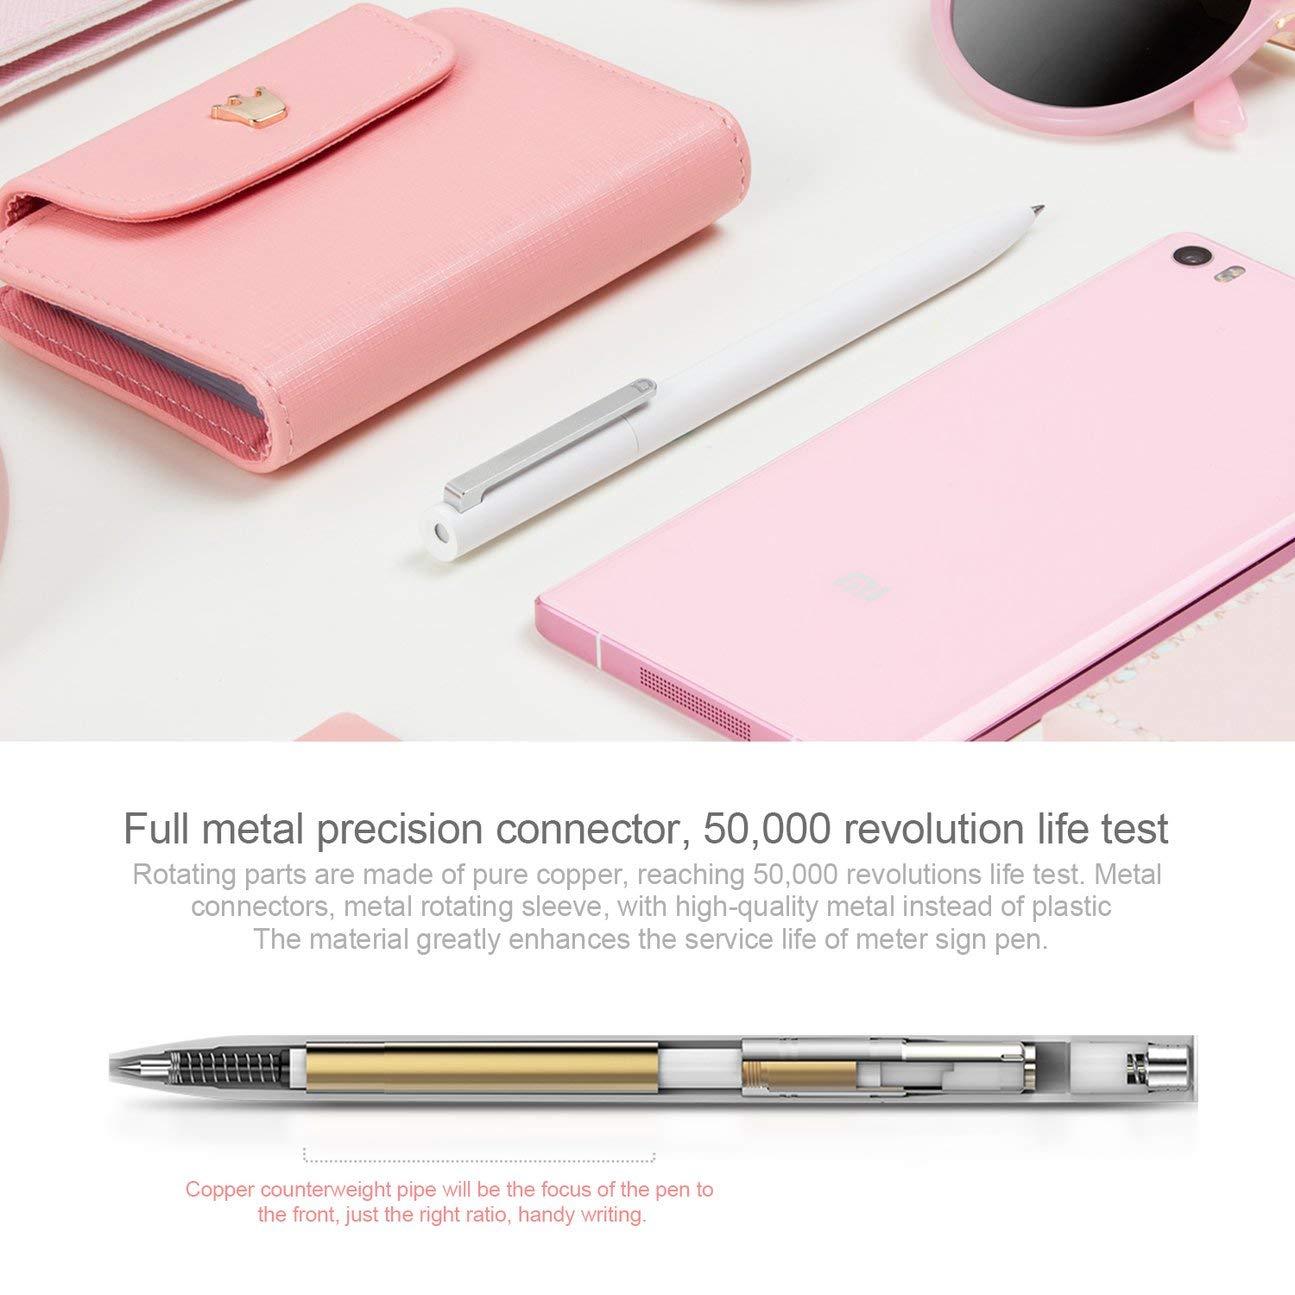 blanco y blanco Xiaomi Mijia Bol/ígrafos universales Rollerball L/ápiz duradero de firma suave con dise/ño retr/áctil y recargable